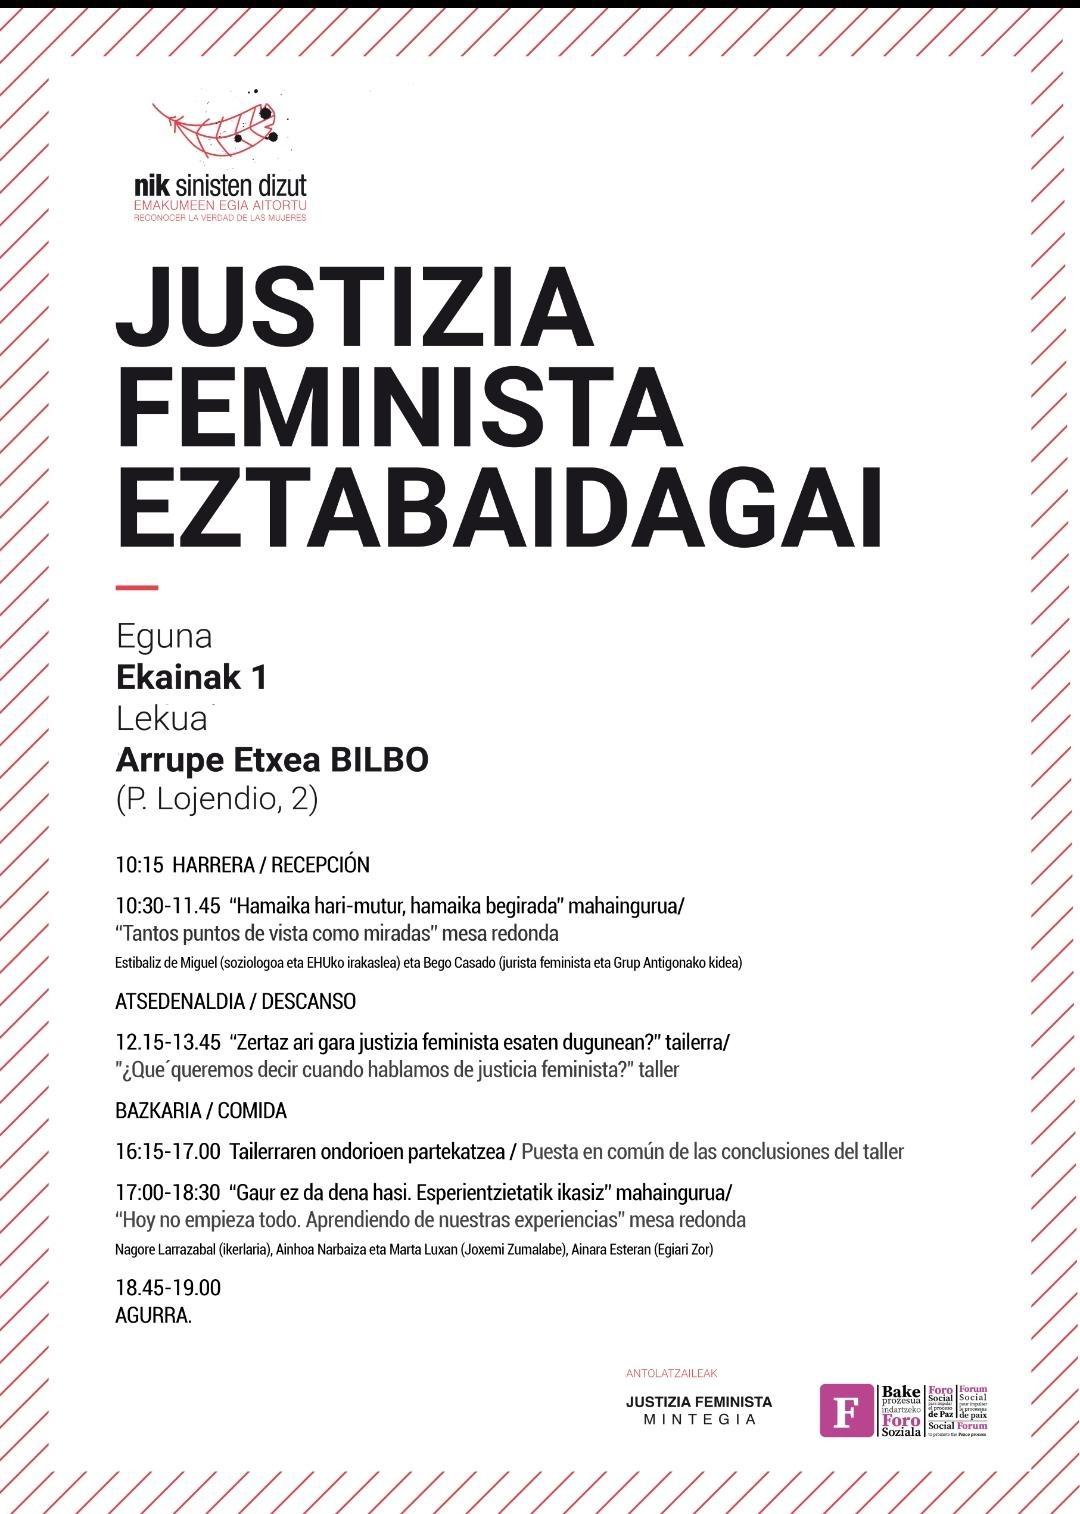 Justizia Feminista mintegia